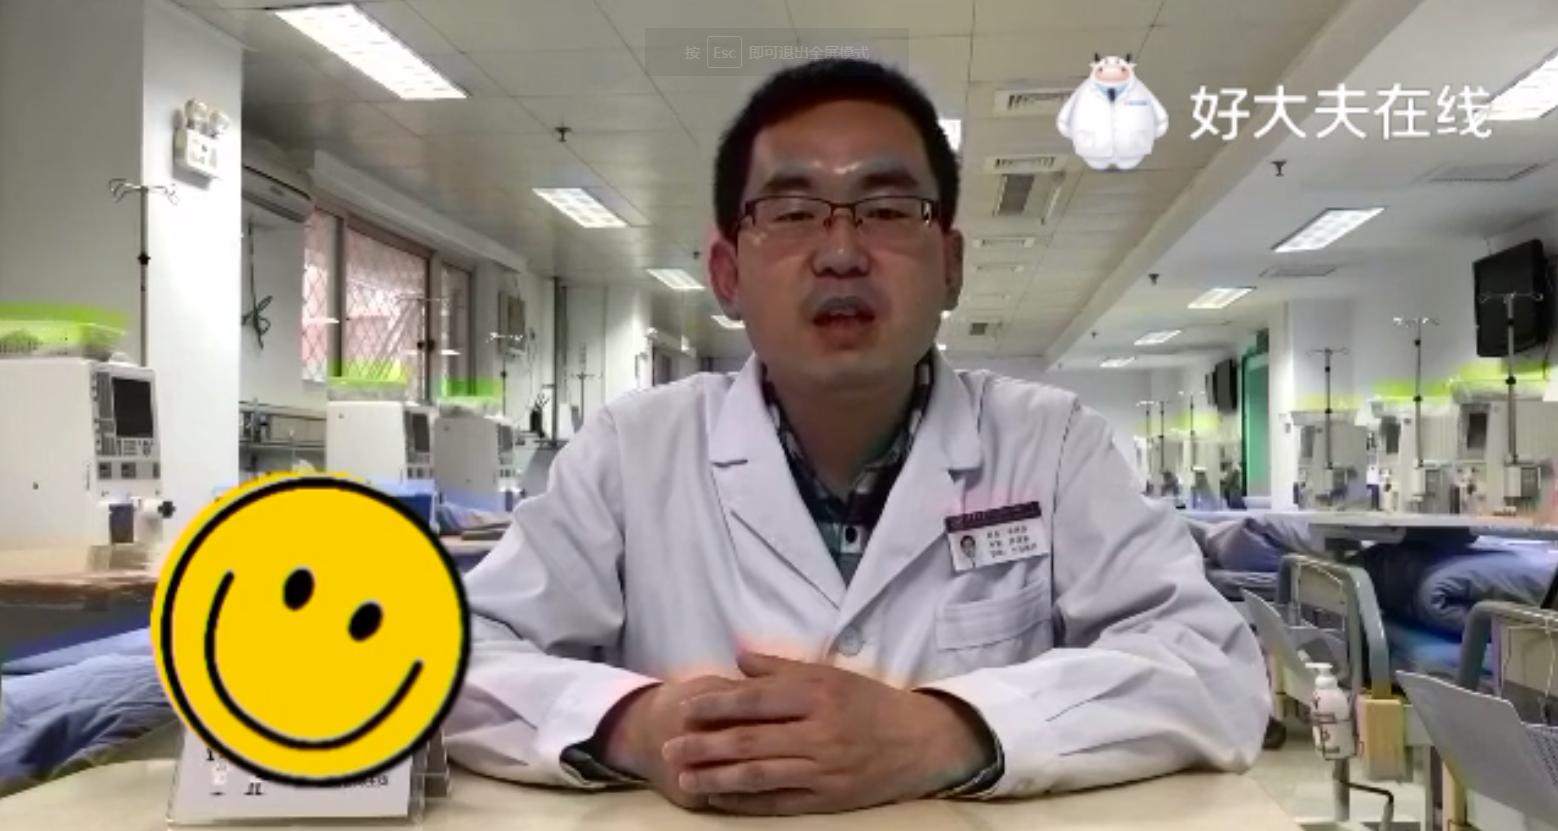 尿毒症概述,尿毒症有真的得了尿毒症该怎么办?